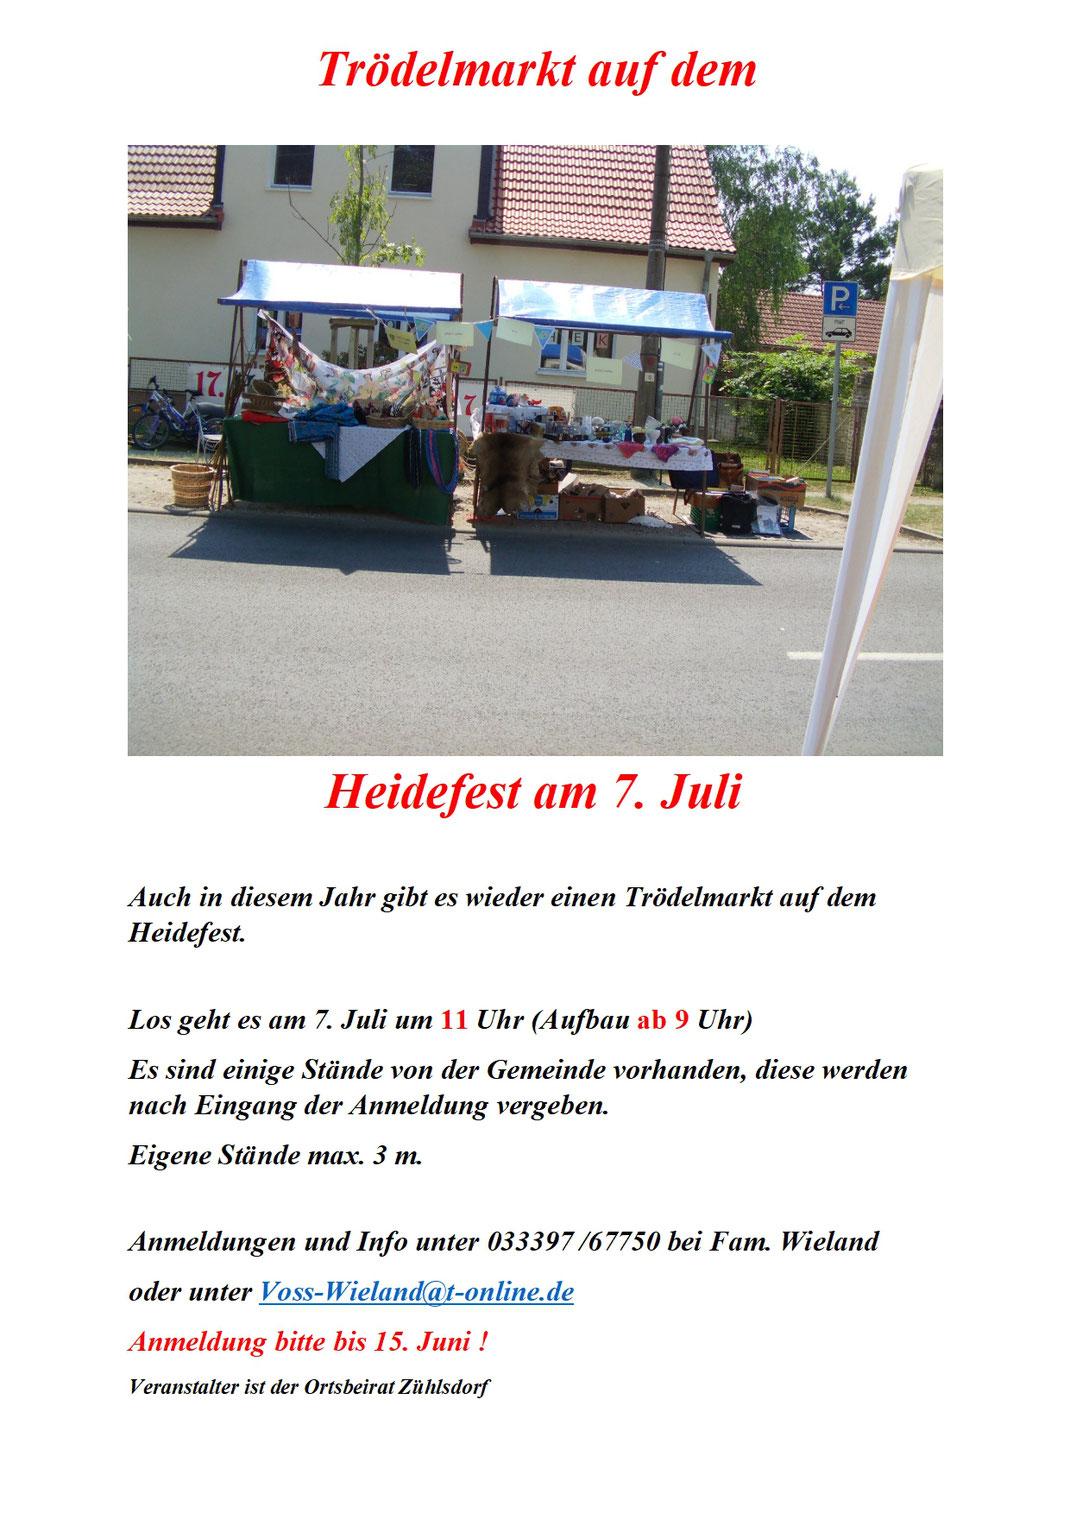 Trödelmarkt zum Heidefest